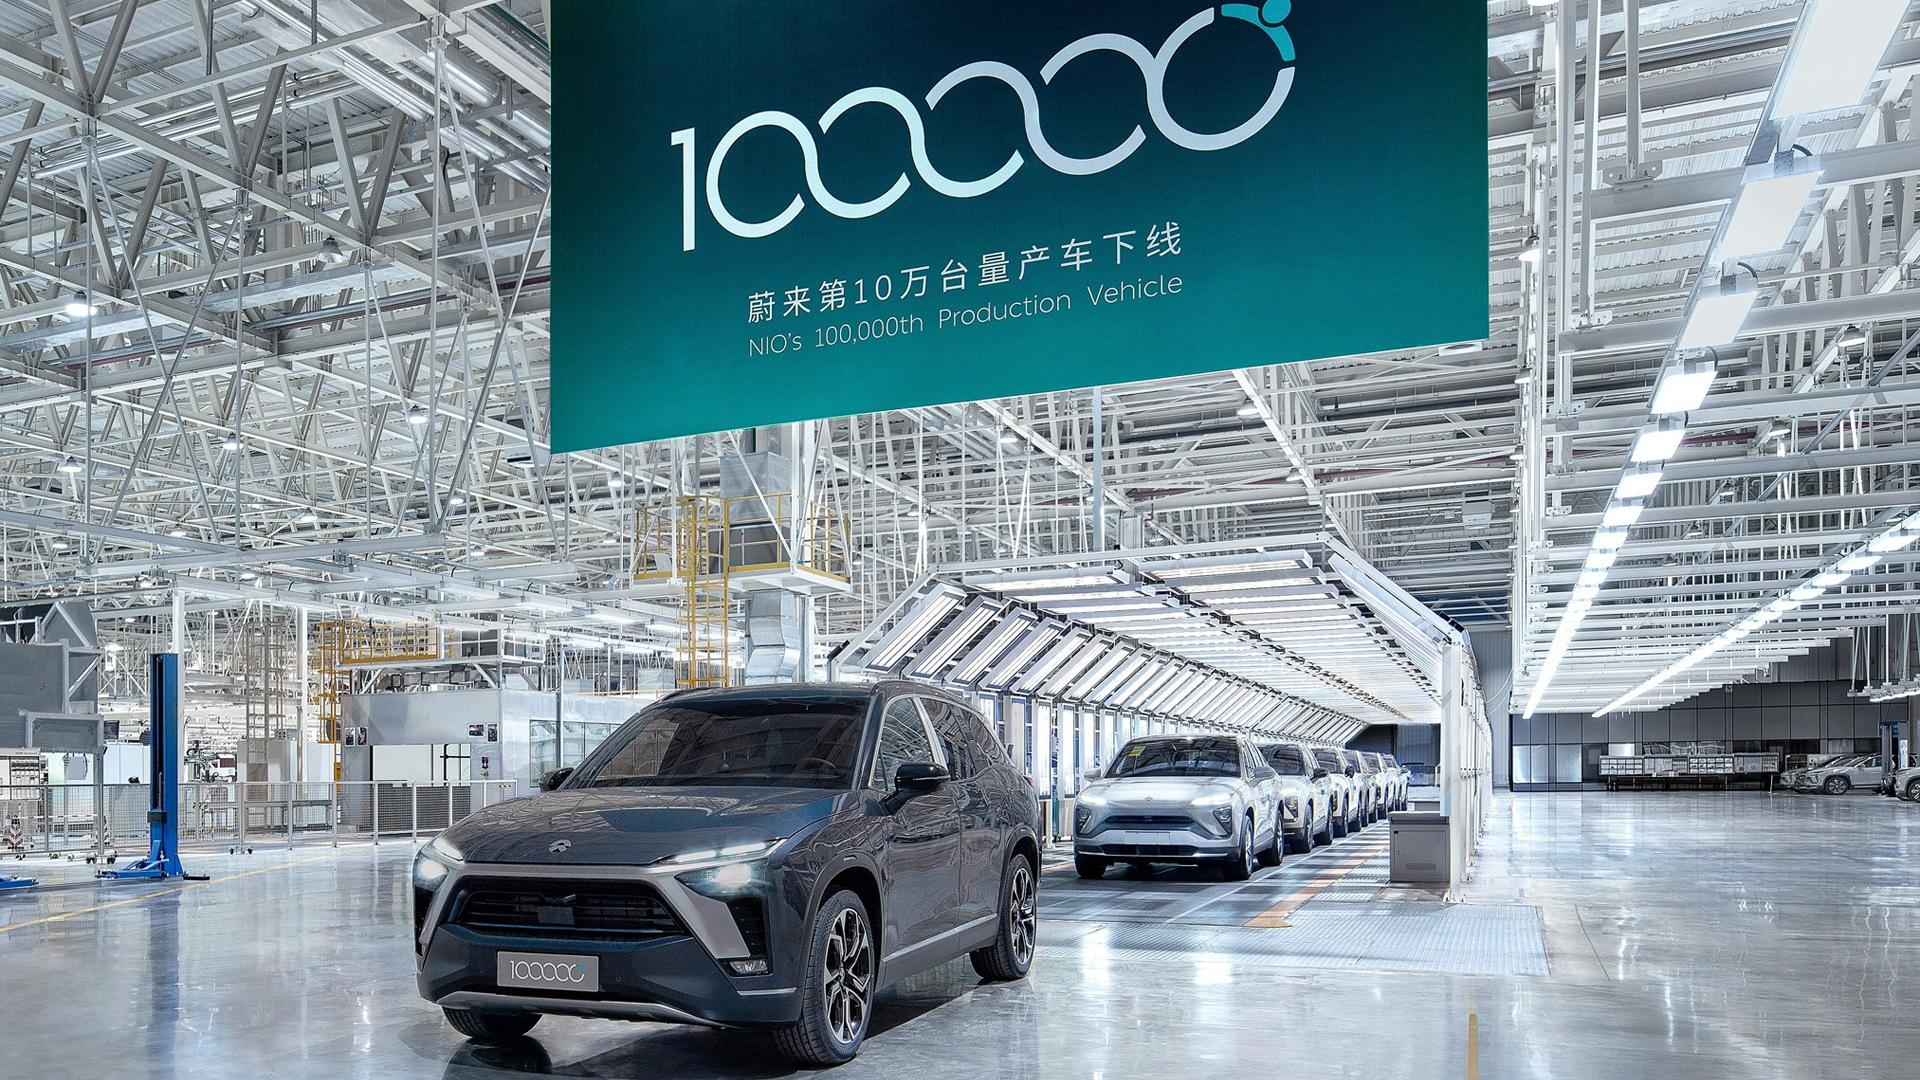 Nio celebrates production of 100,000th vehicle